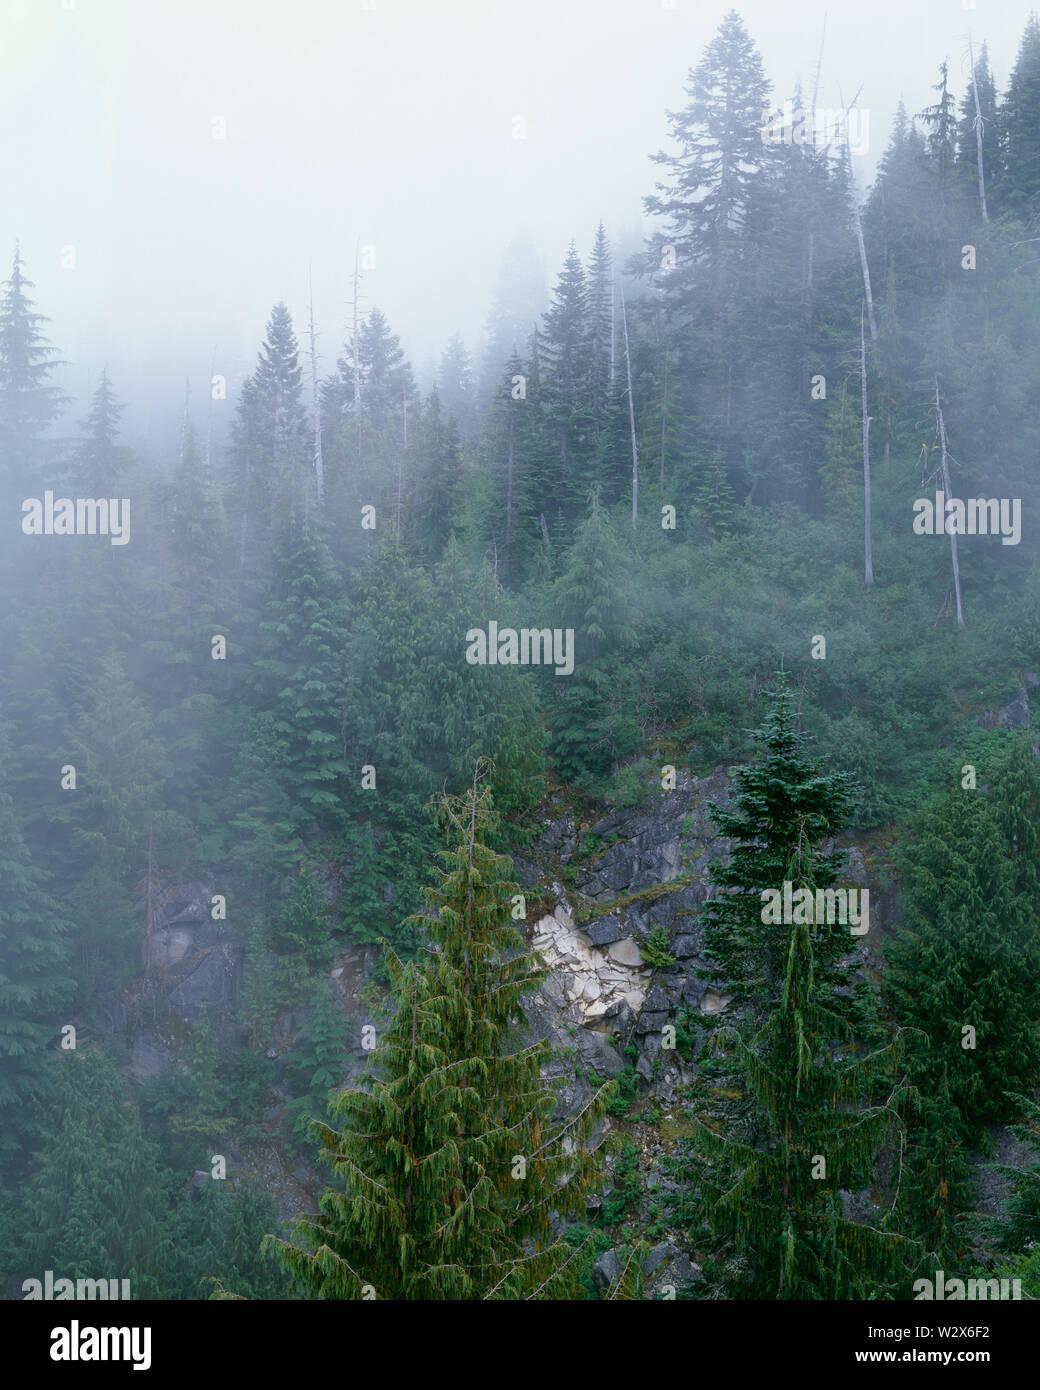 USA, Washington, Mt. Rainier National Park, Alaska yellow cedar and noble fir in foggy forest at Stevens Canyon. - Stock Image